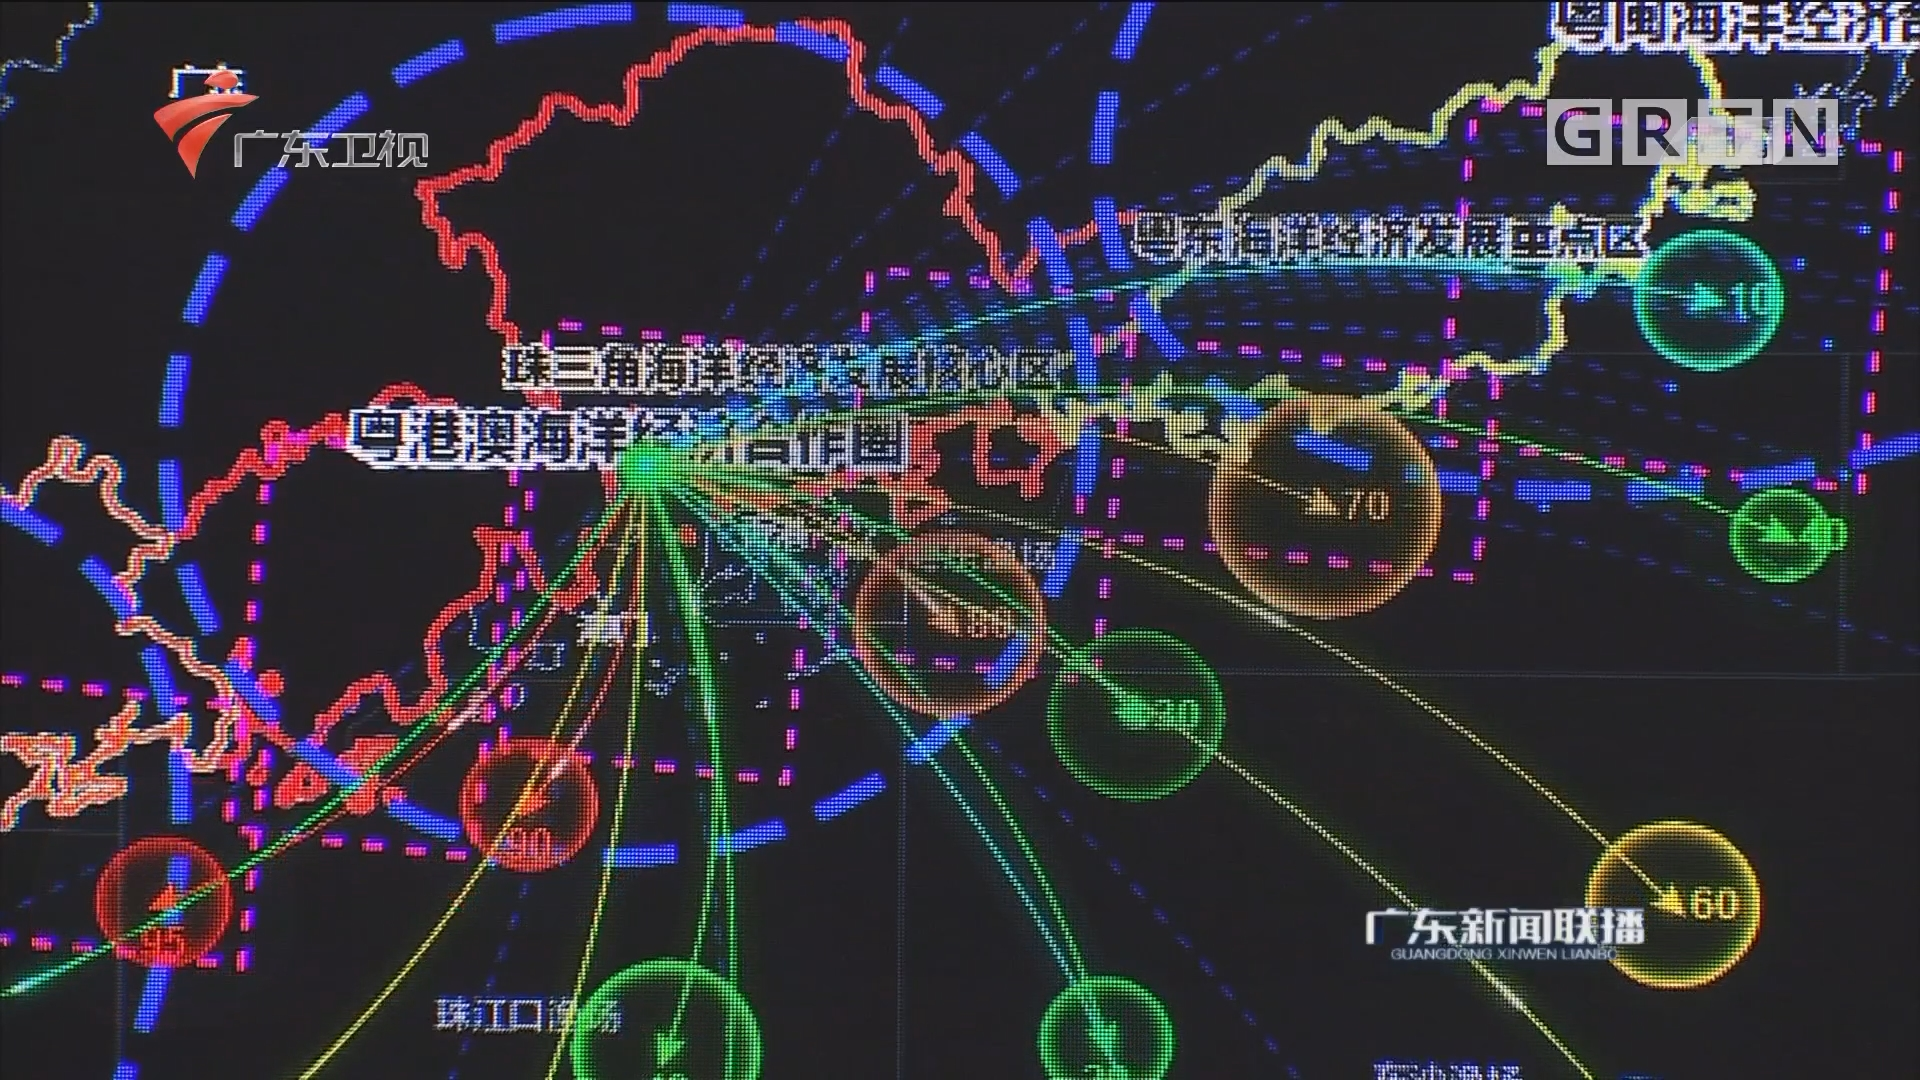 广东率先建设海洋大数据平台